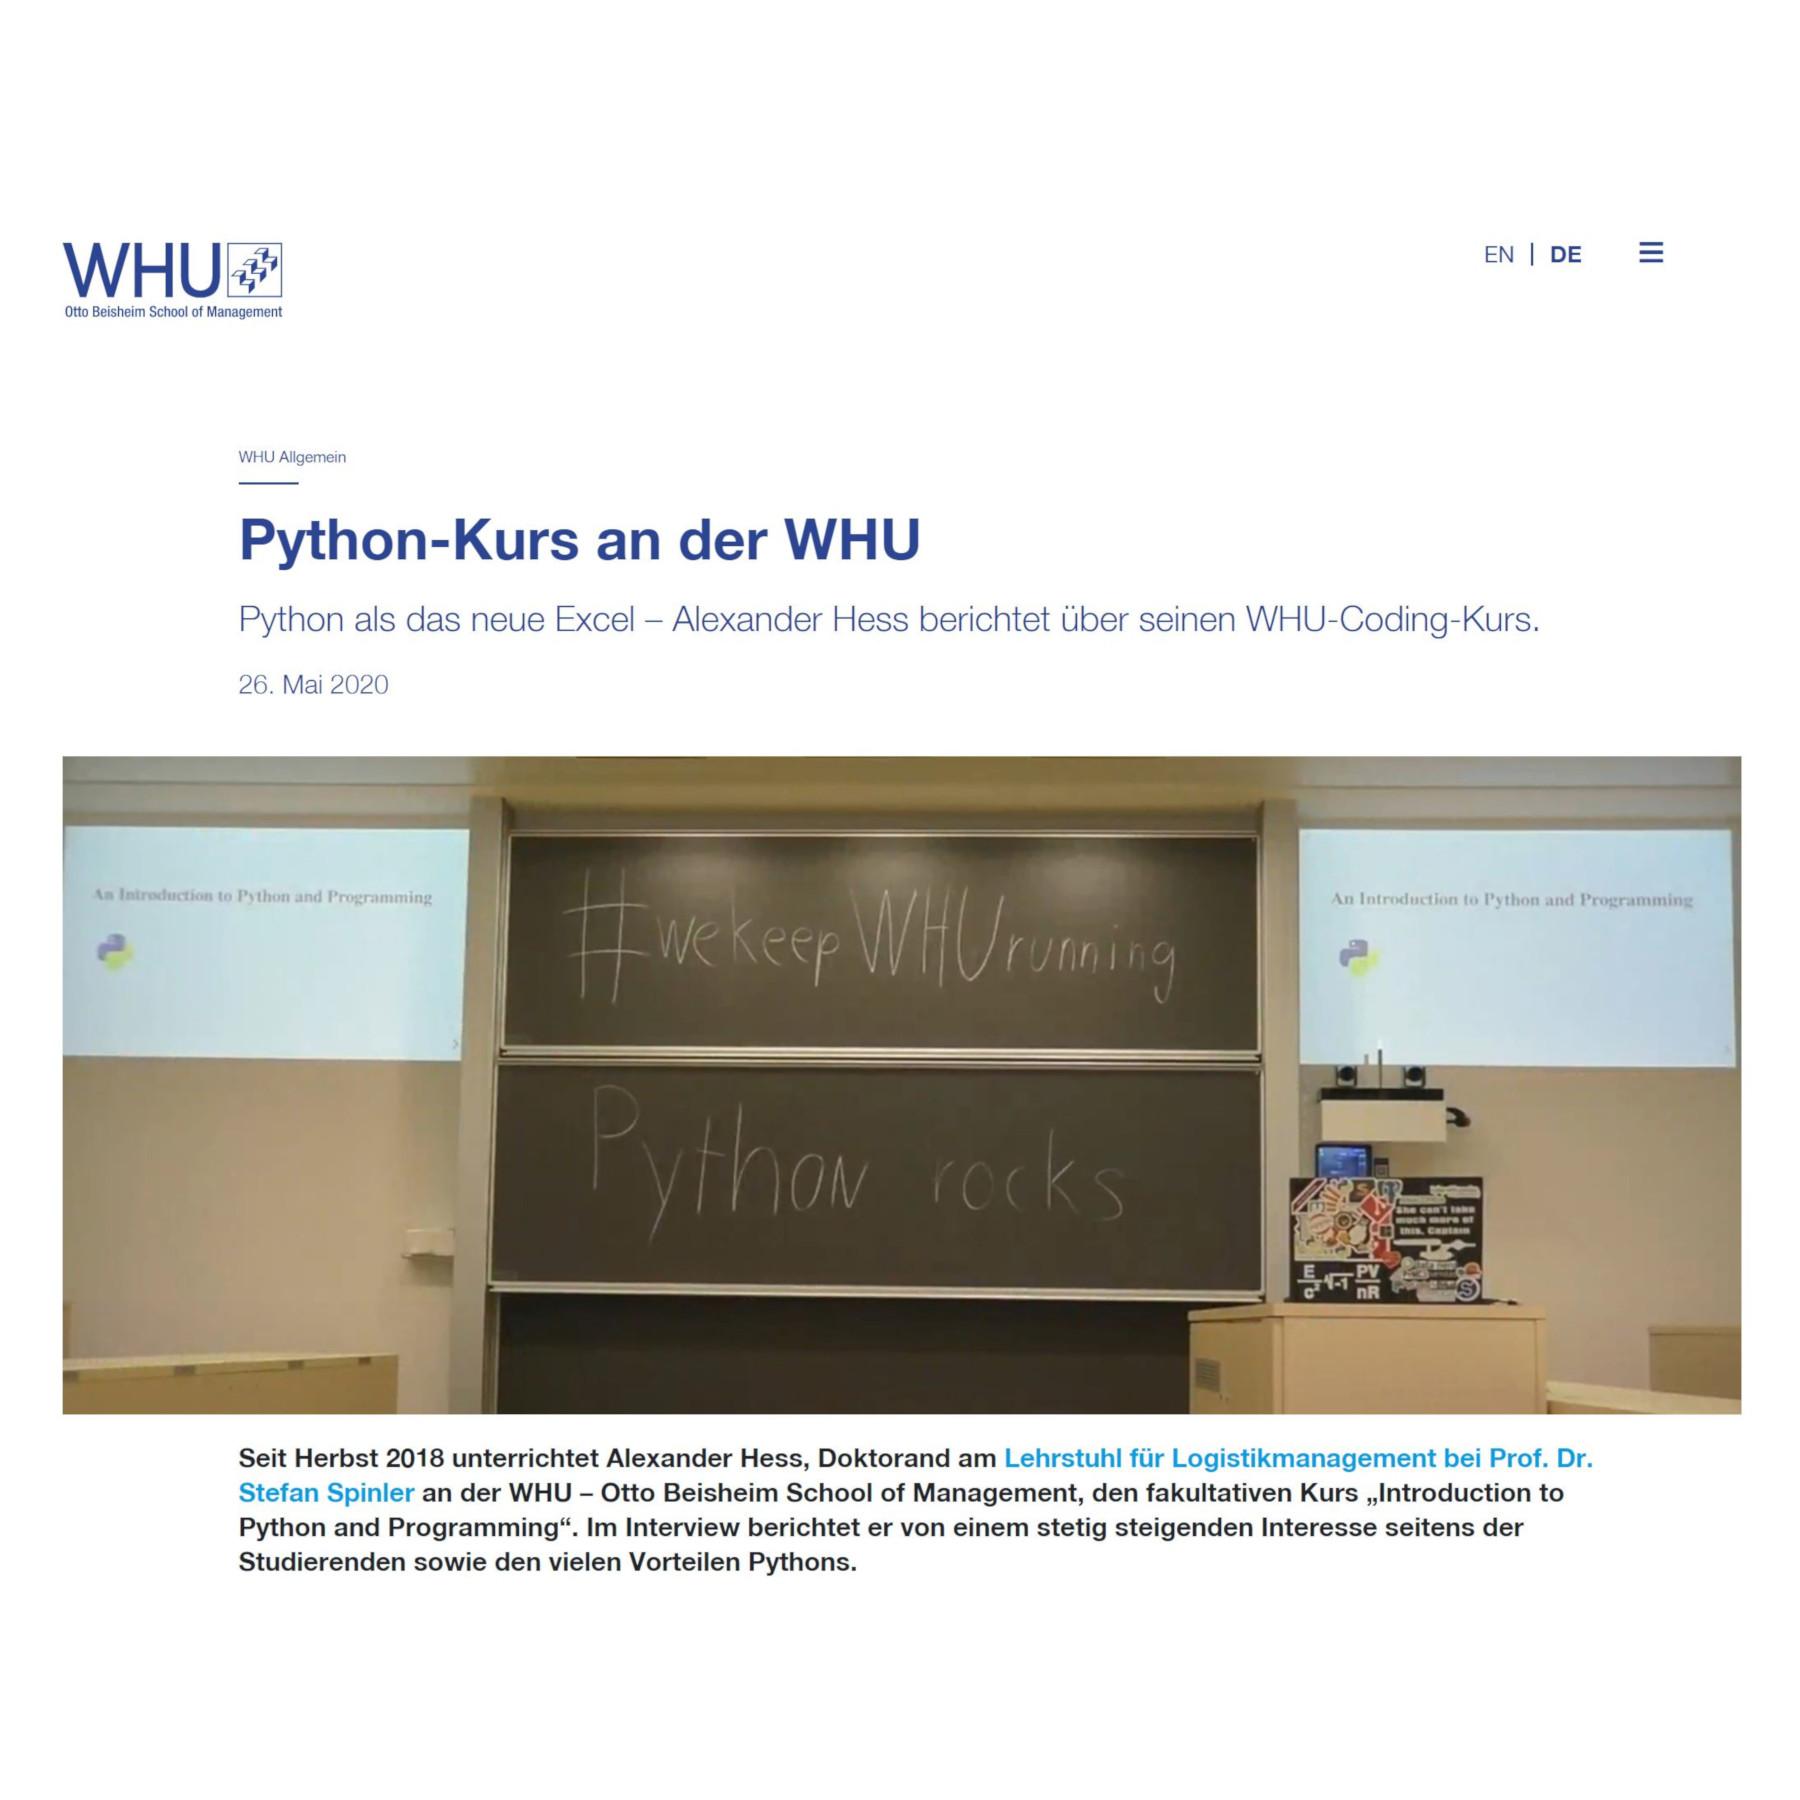 Python-Kurs an der WHU